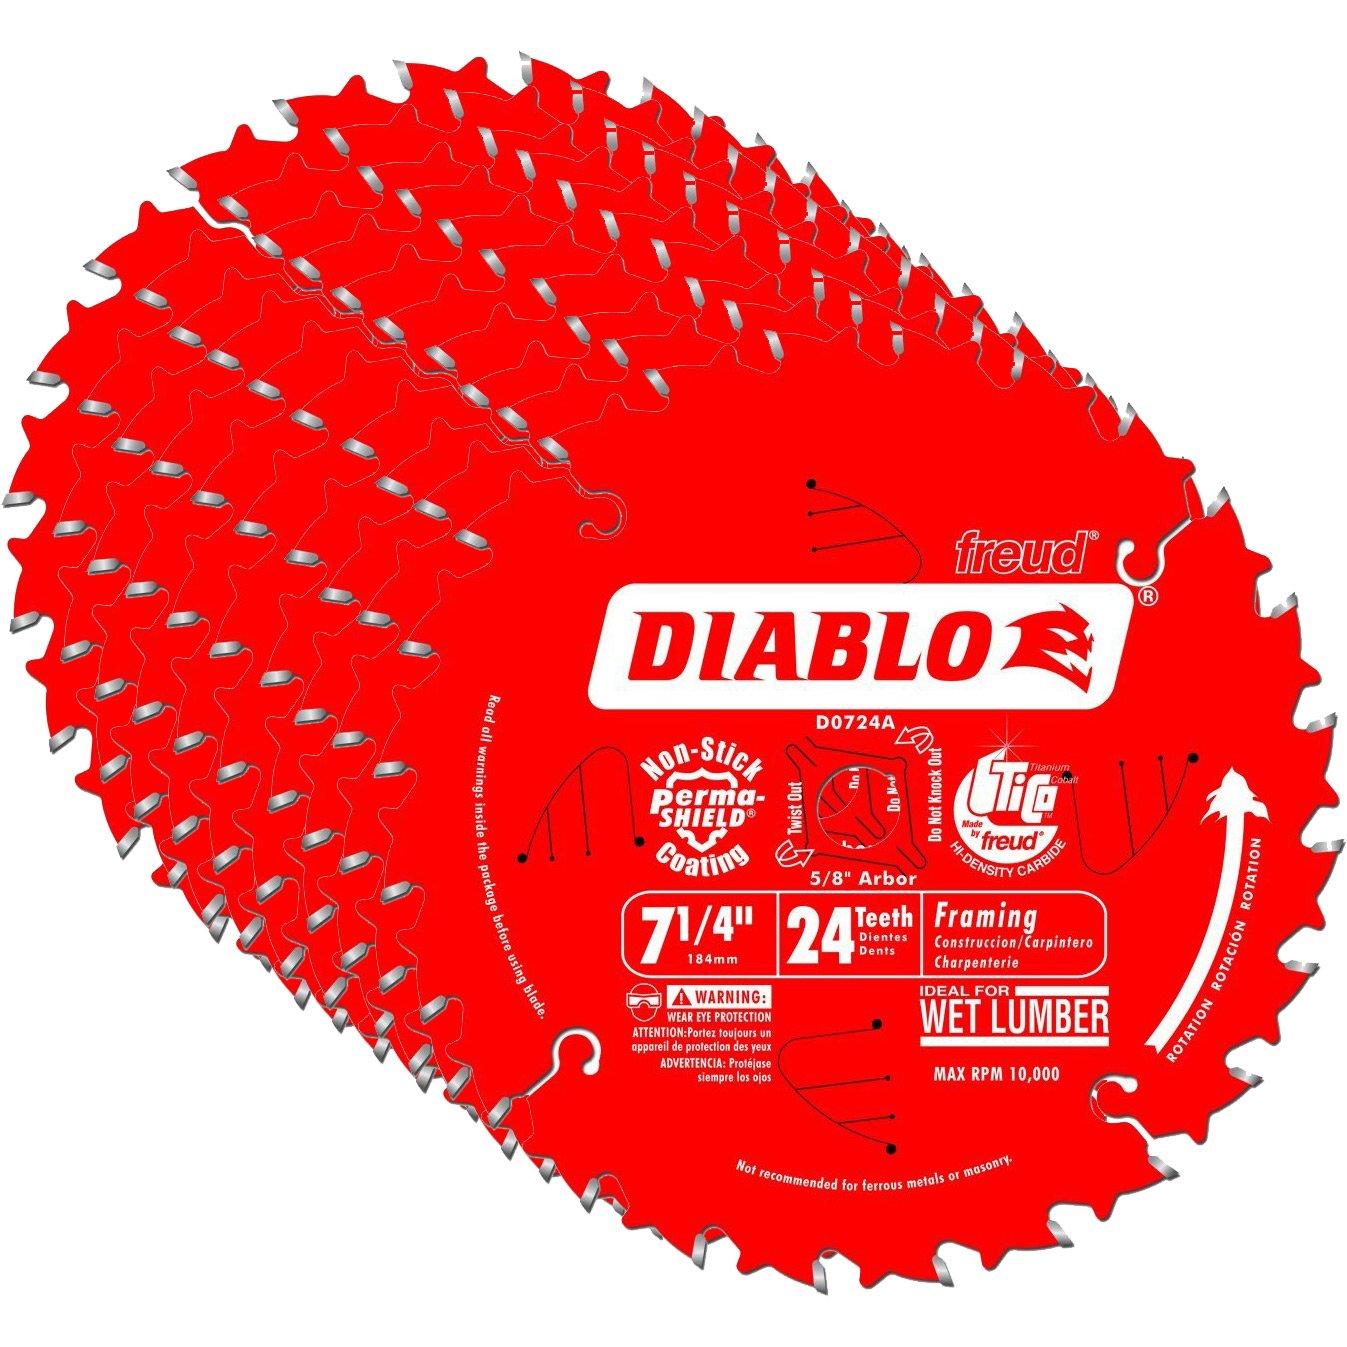 Diablo D0724A Circular Framing Blade